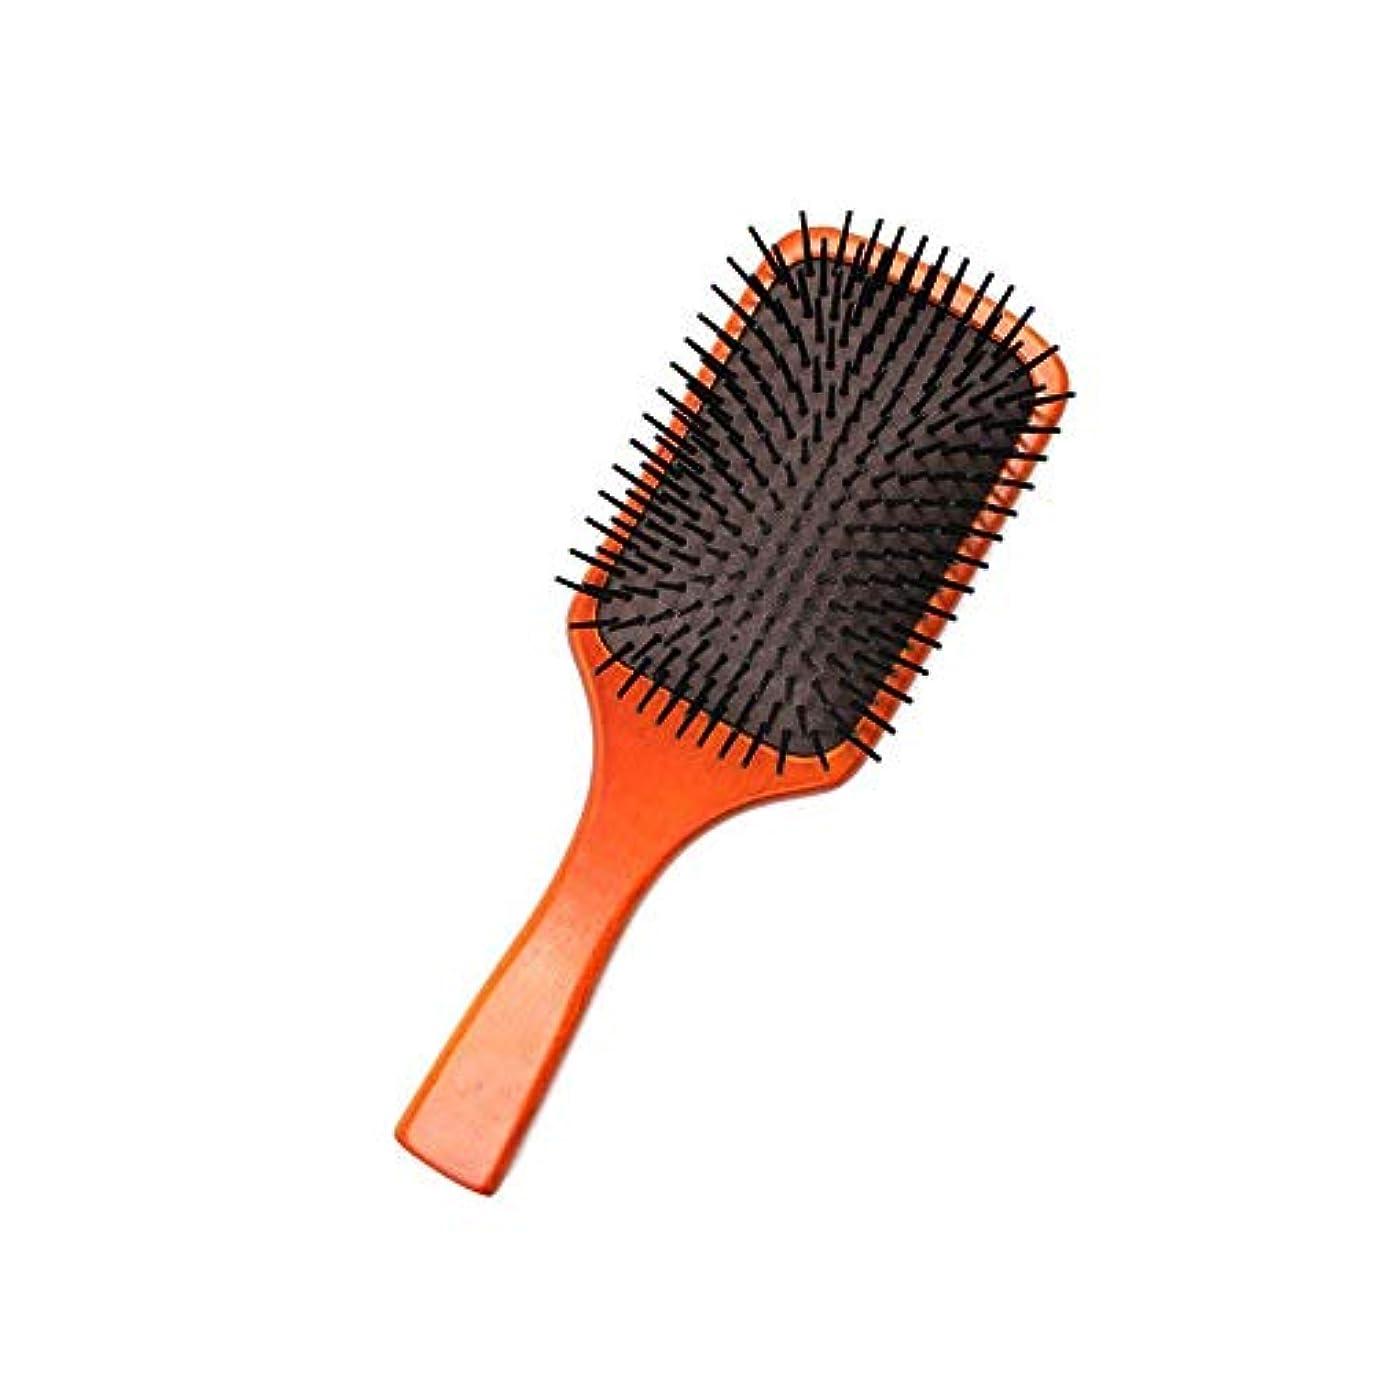 終点難しいブラシWASAIO ヘアブラシバーチ木製ヘアブラシマッサージくし頭皮ブラシエアクッションくし帯電防止 (色 : Photo color)